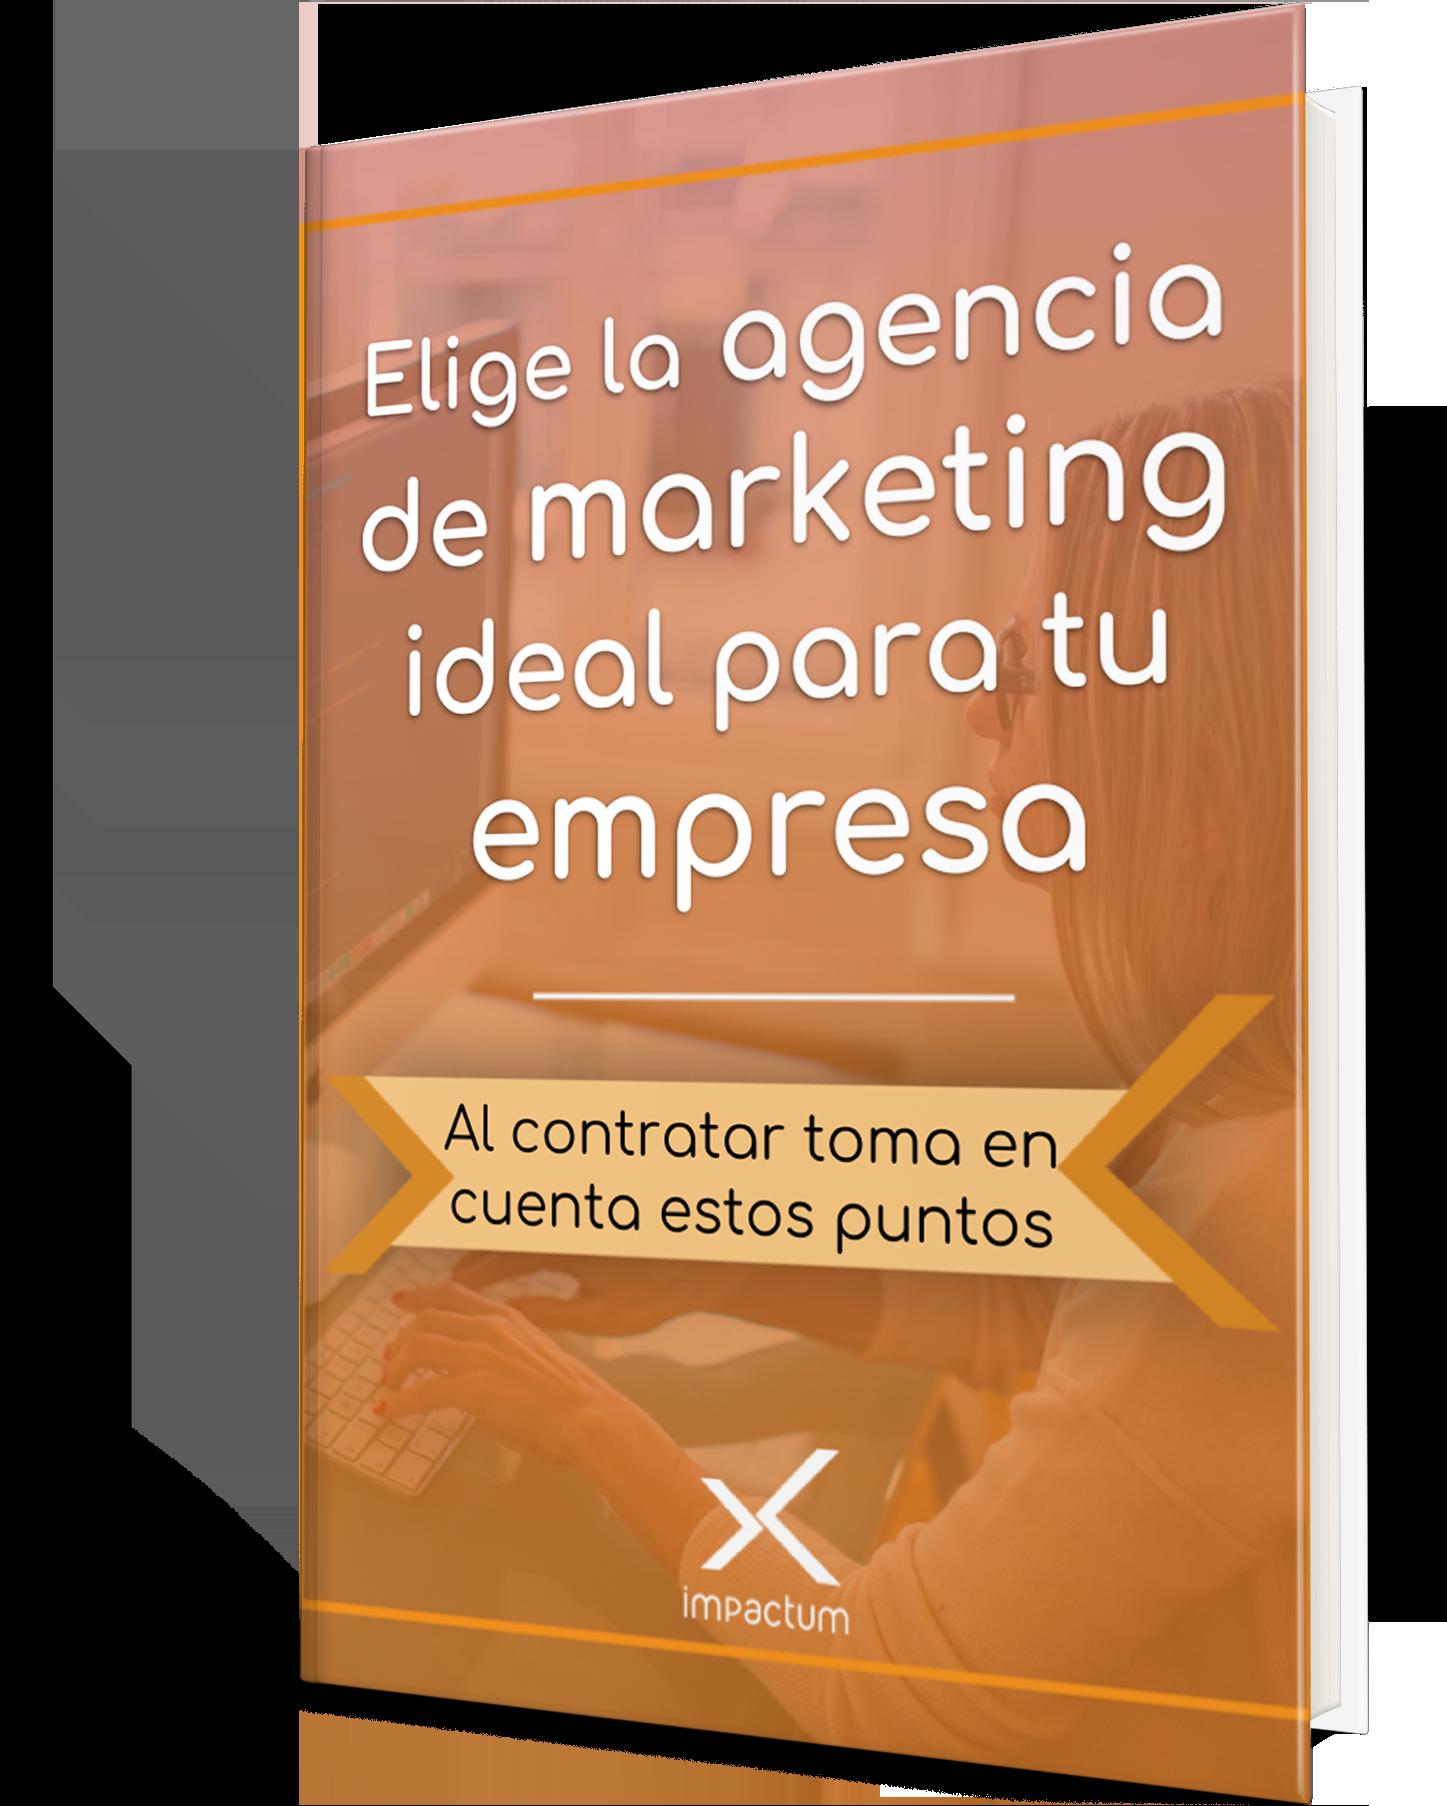 Elige-agencia-marketing-ideal-empresa-ebook-guía